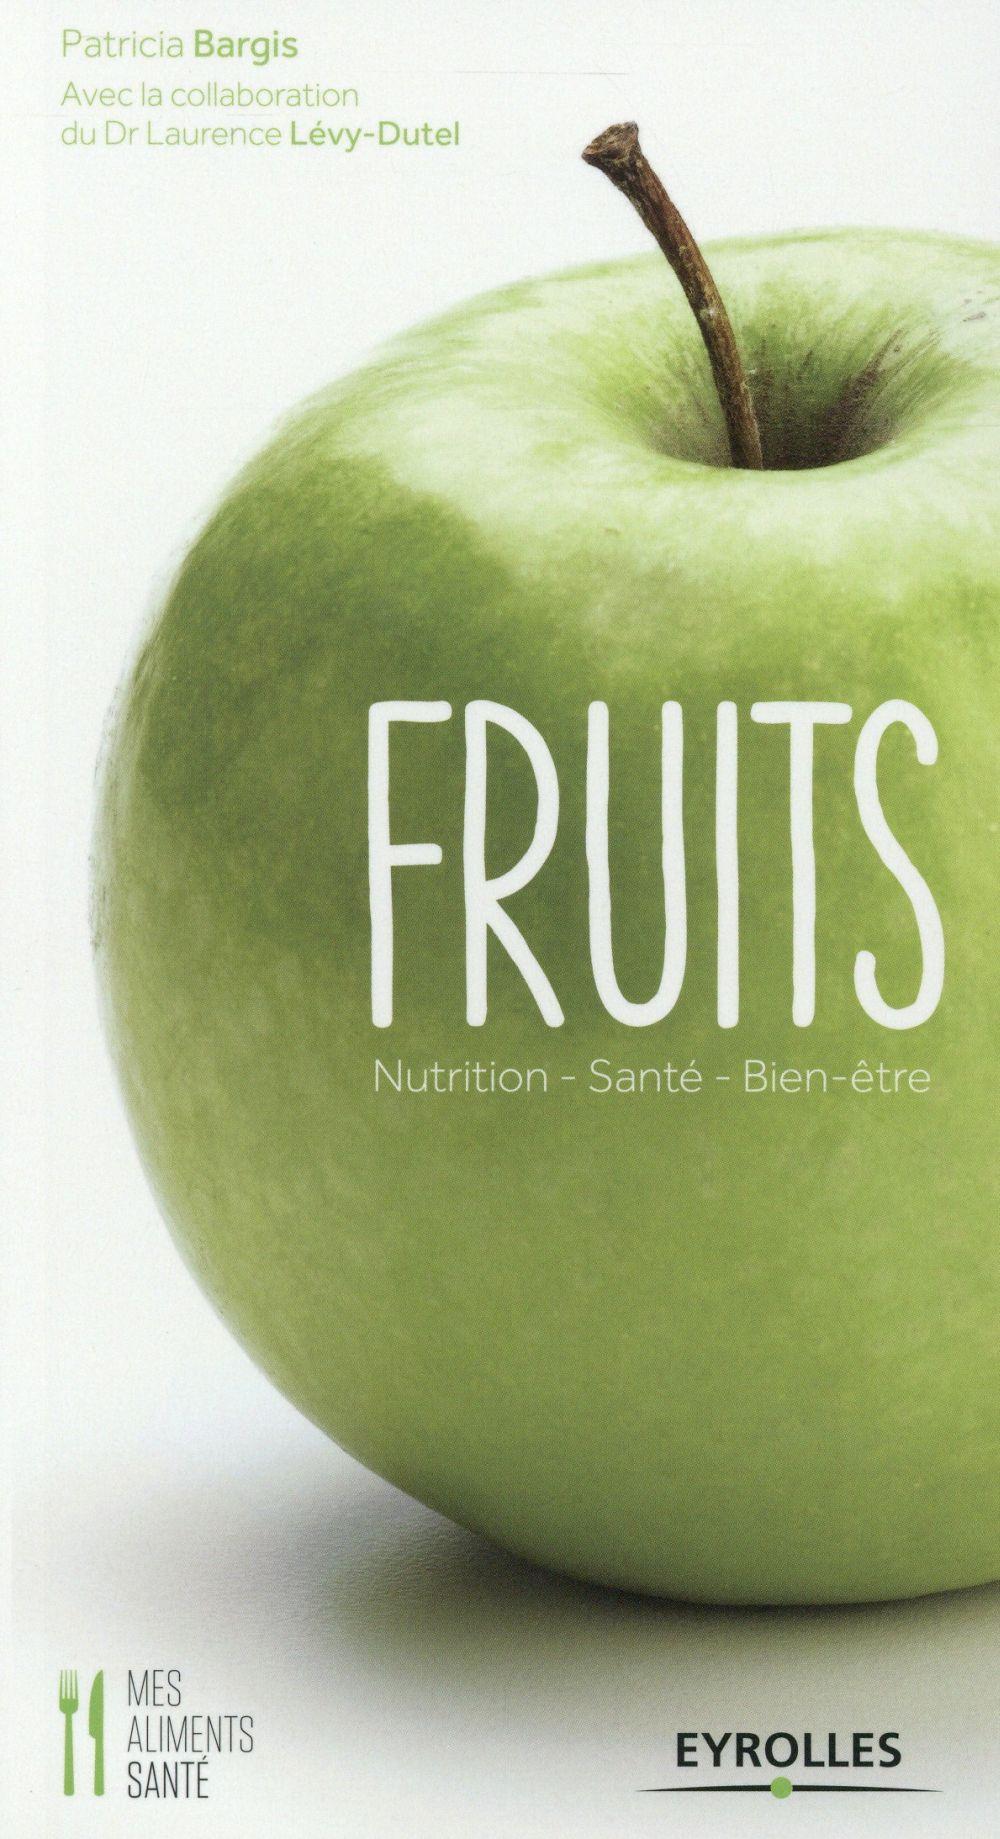 FRUITS NUTRITION, SANTE, BIEN-ETRE